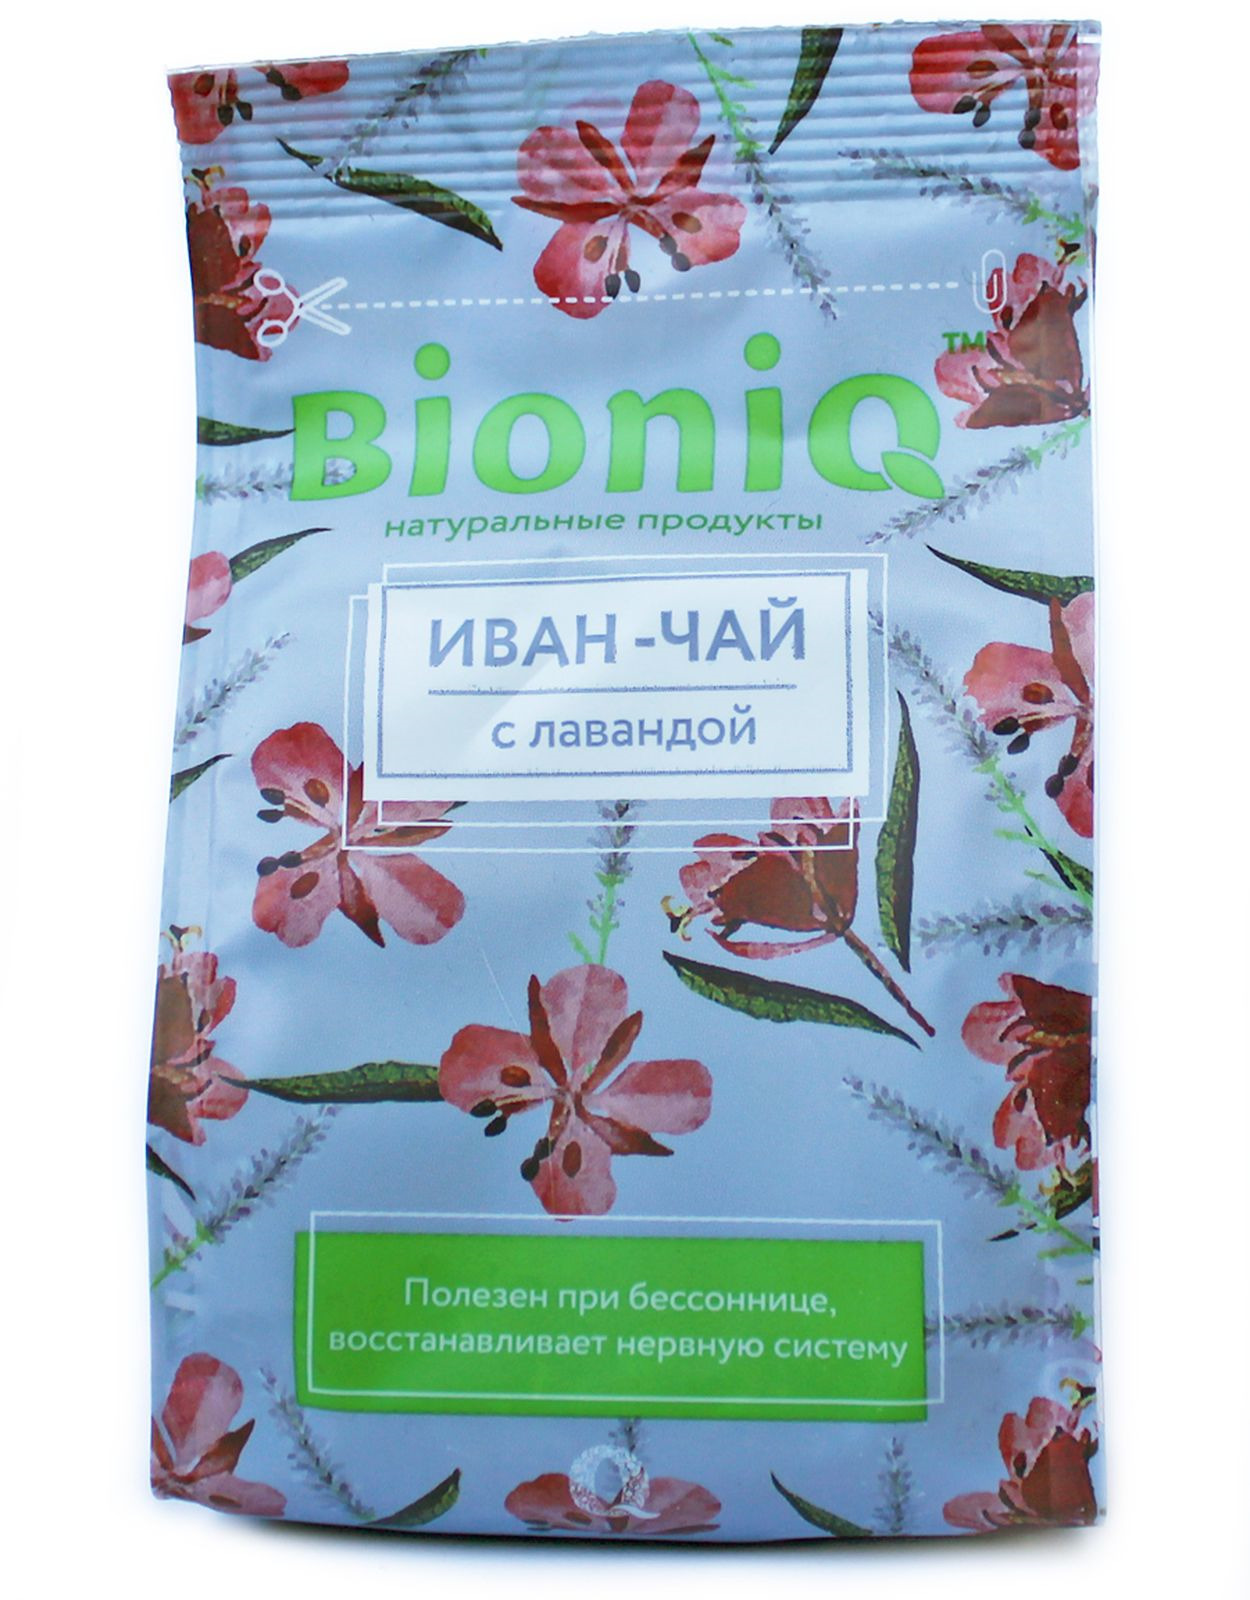 Иван-чай BioniQ, с лавандой, 35 г компот bioniq смородиновый 0 48 0 5 л